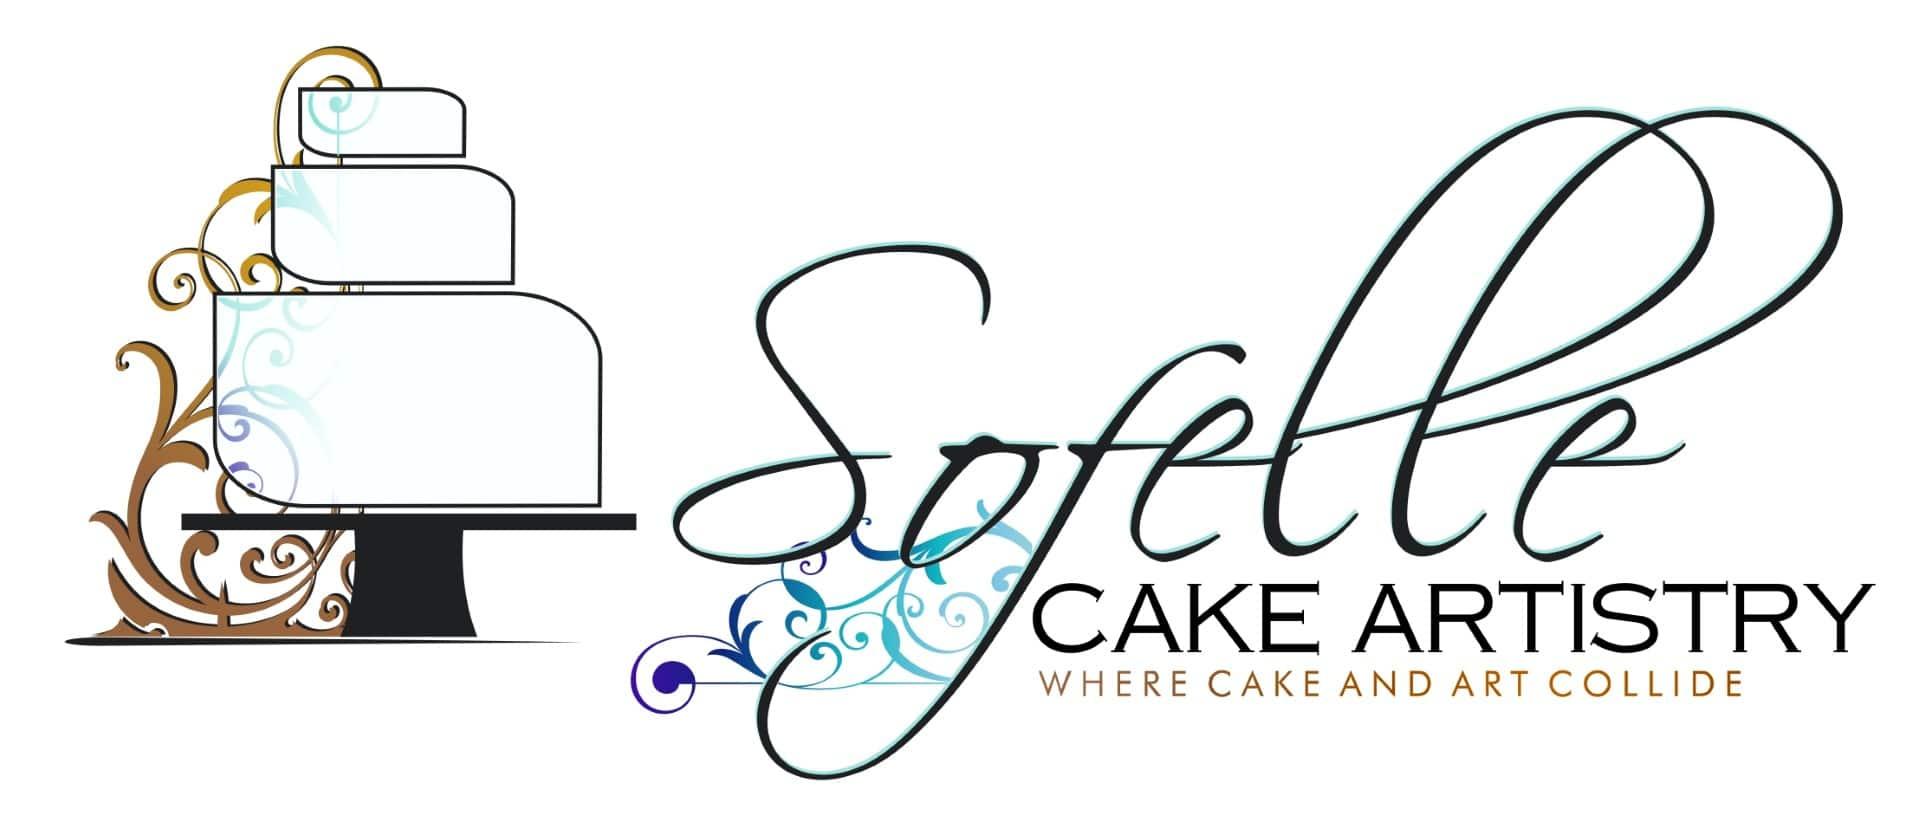 Sofelle-Cake-Artistry-logo